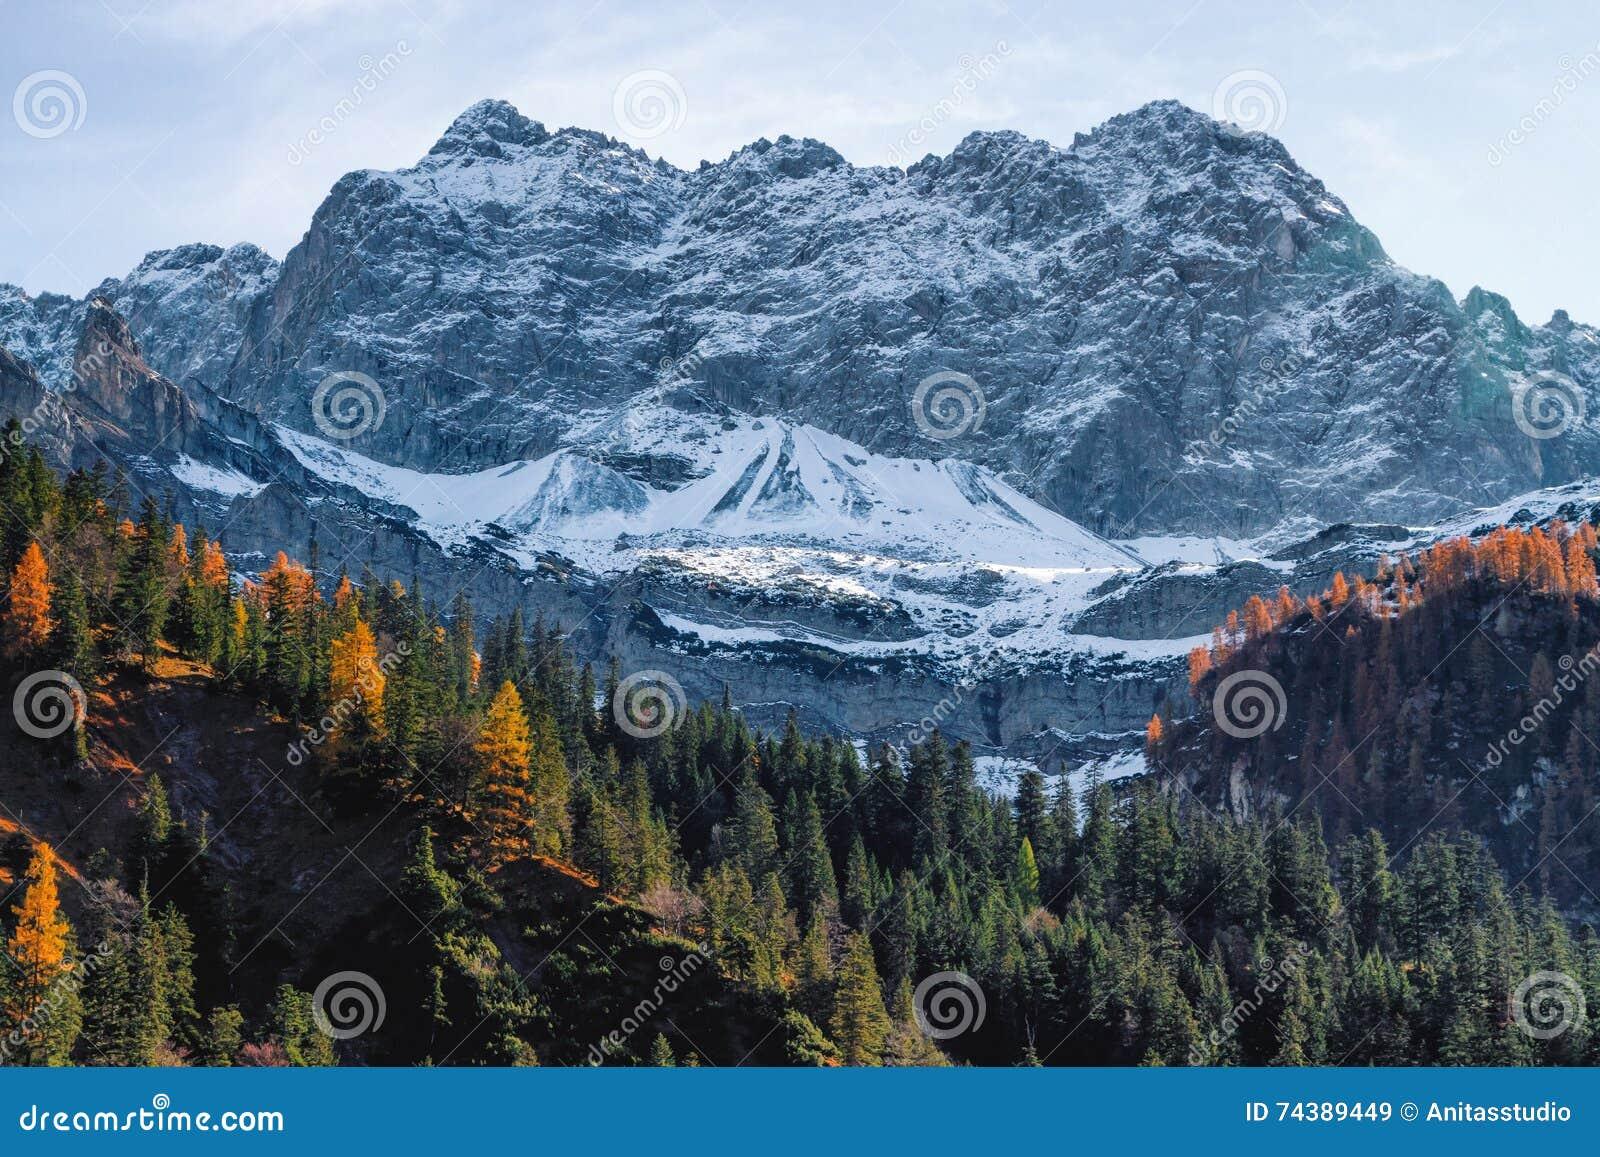 Download Kitzbuhel Mountain View Austria Europe Wallpaper